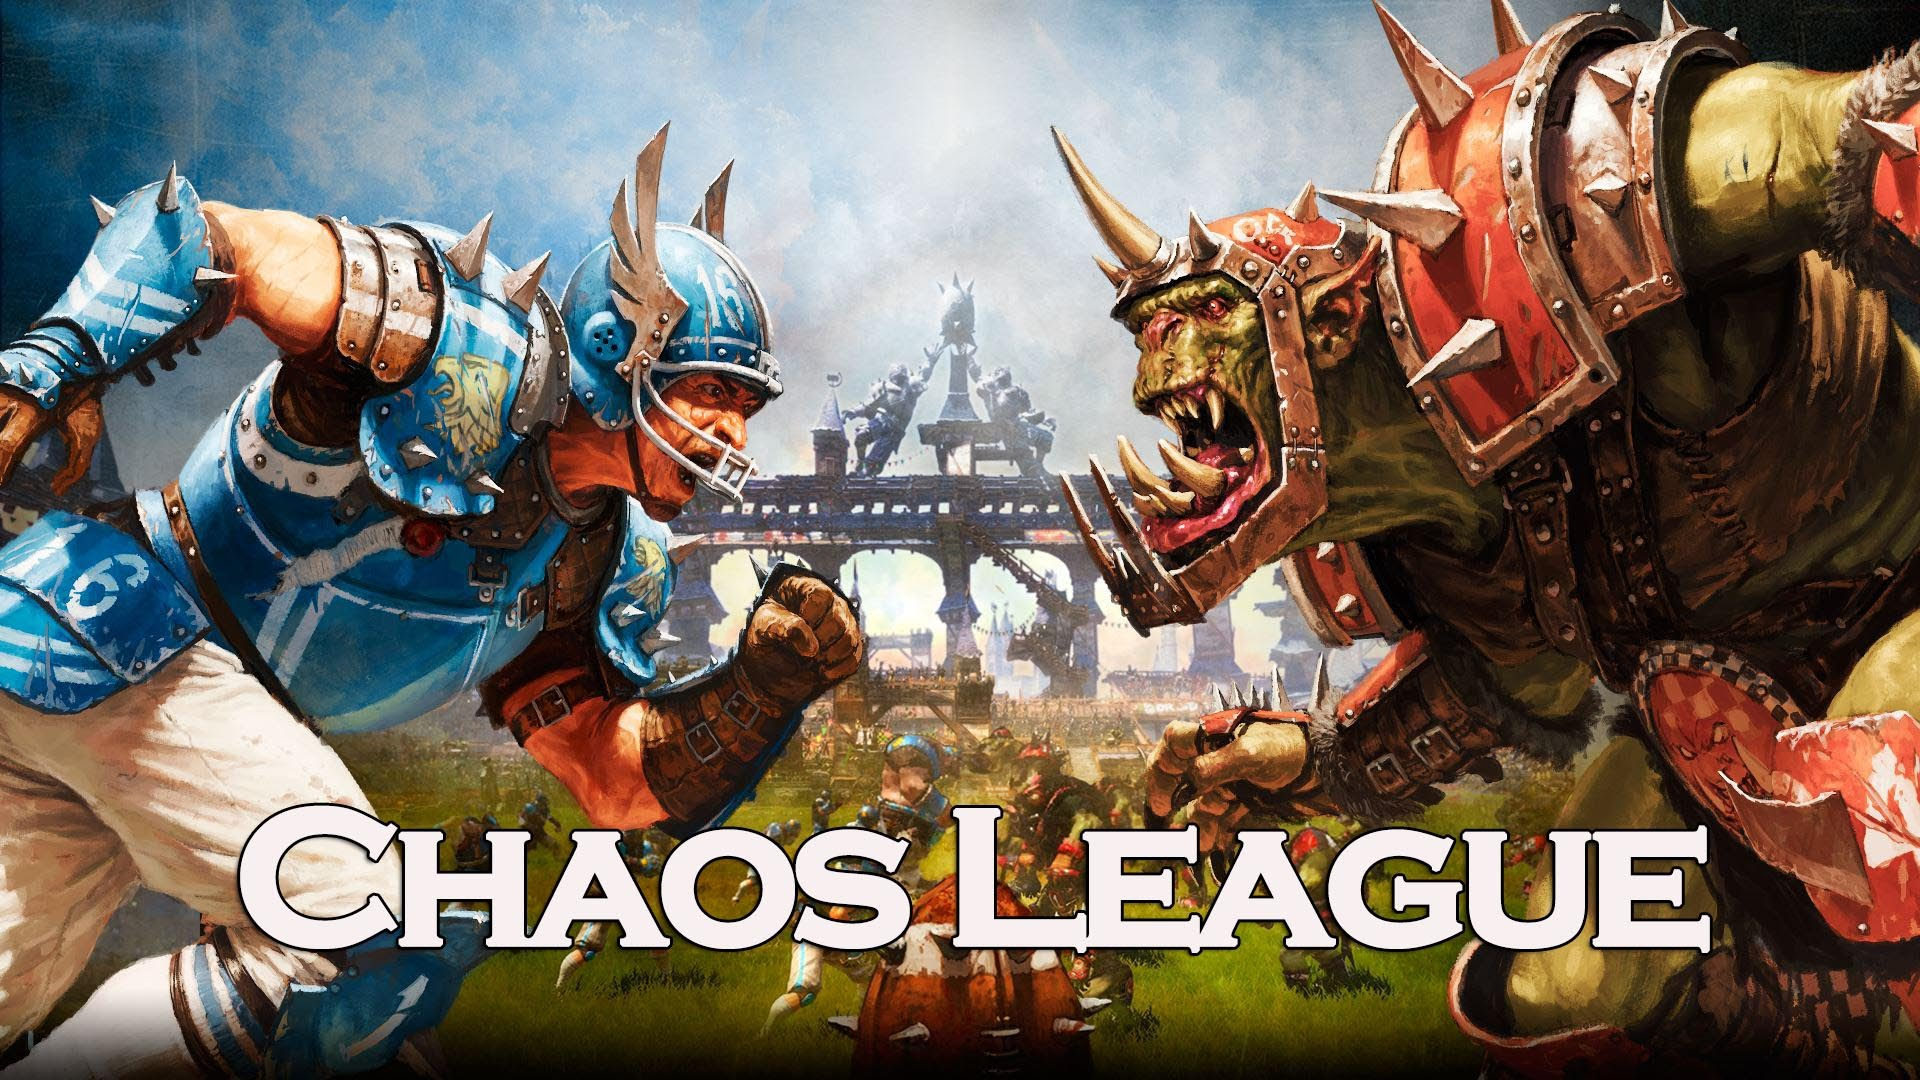 Озвучка экипажа из игры Chaos League для World of Tanks 1.7.1.2